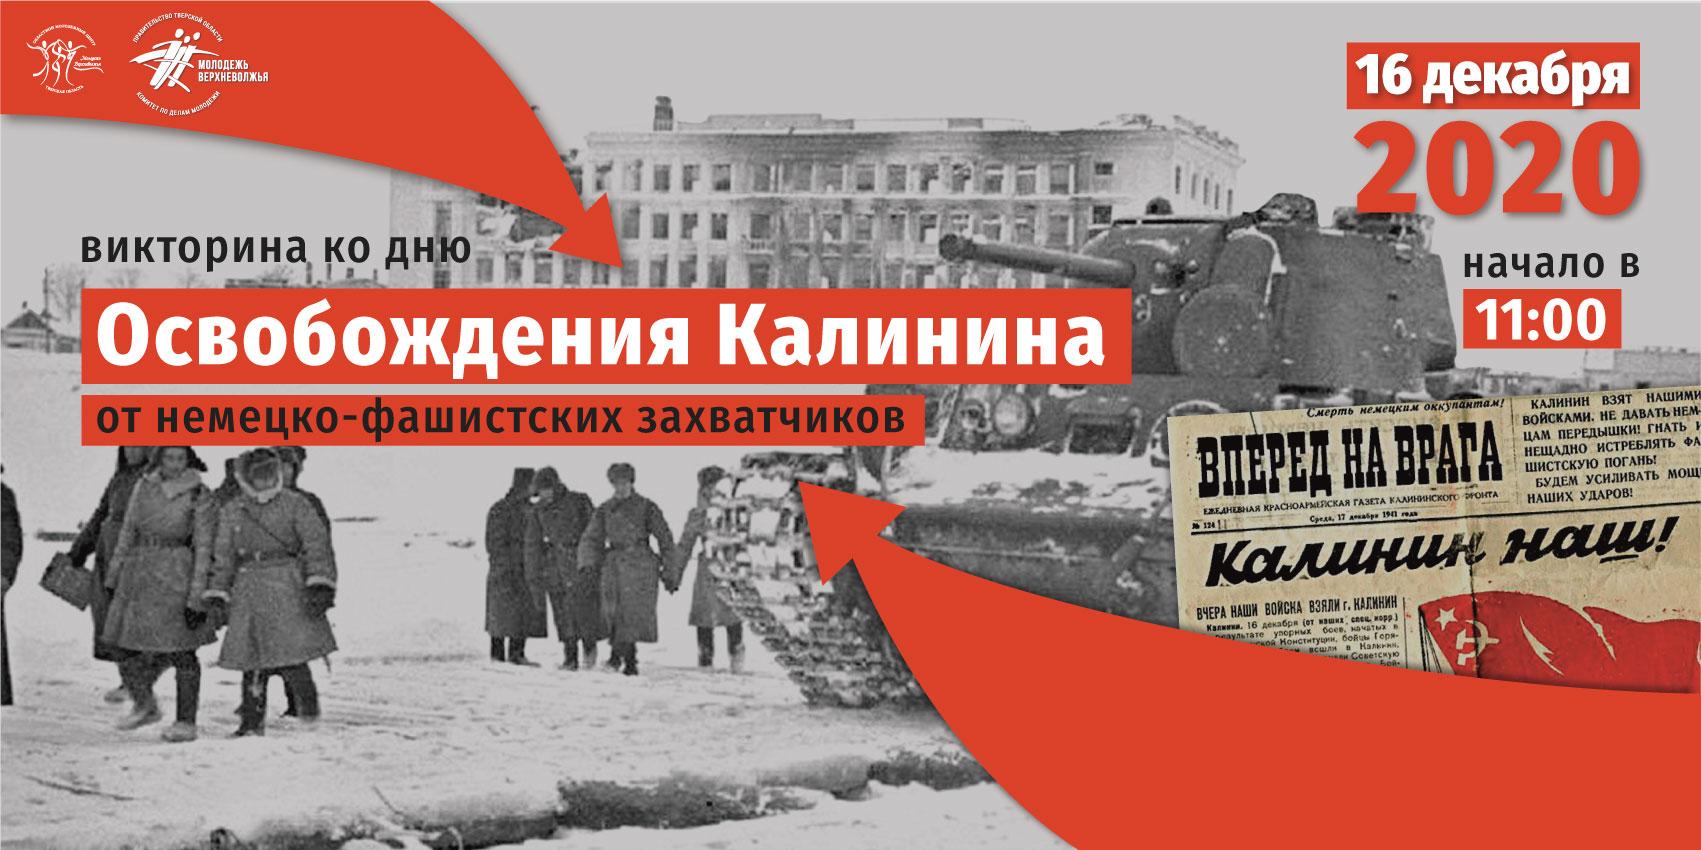 Жителей Тверской области приглашают принять участие в викторине о Калинине